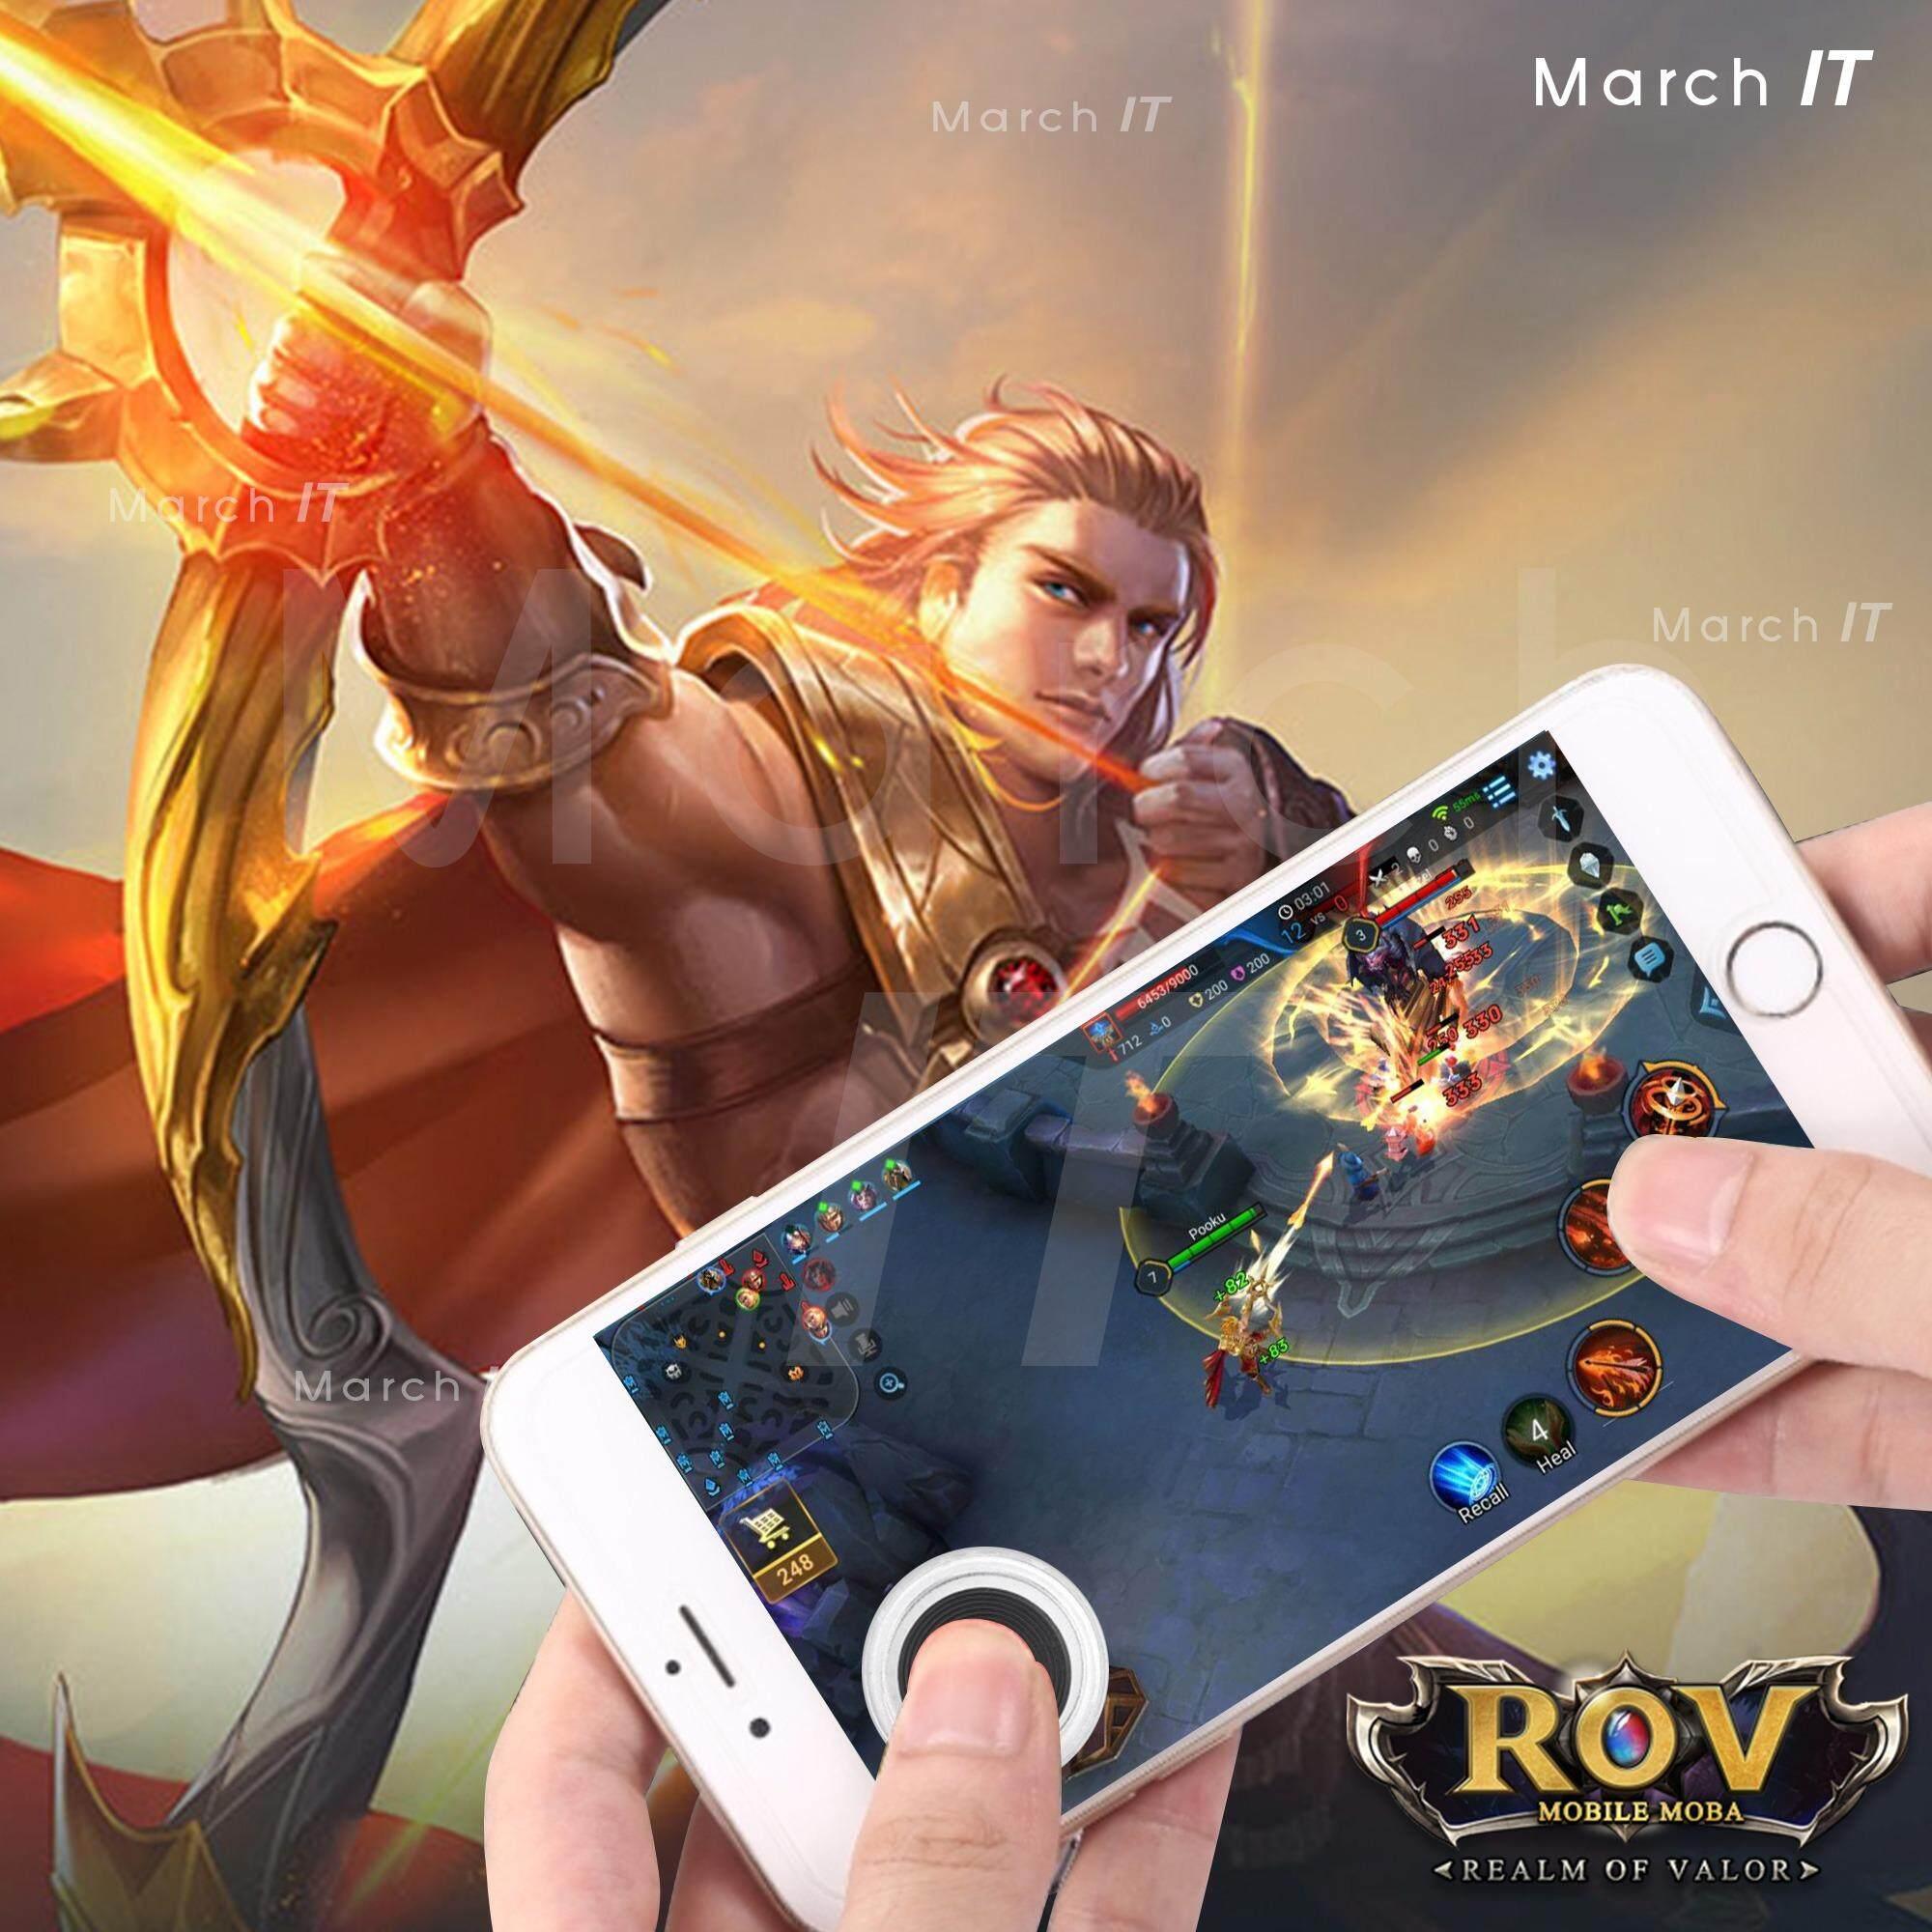 จอยเกม จอยสติ๊กสำหรับเกมส์มือถือ iphone/samsung (ROV, Mobile Legends, Fifa, NBA Live) joystick